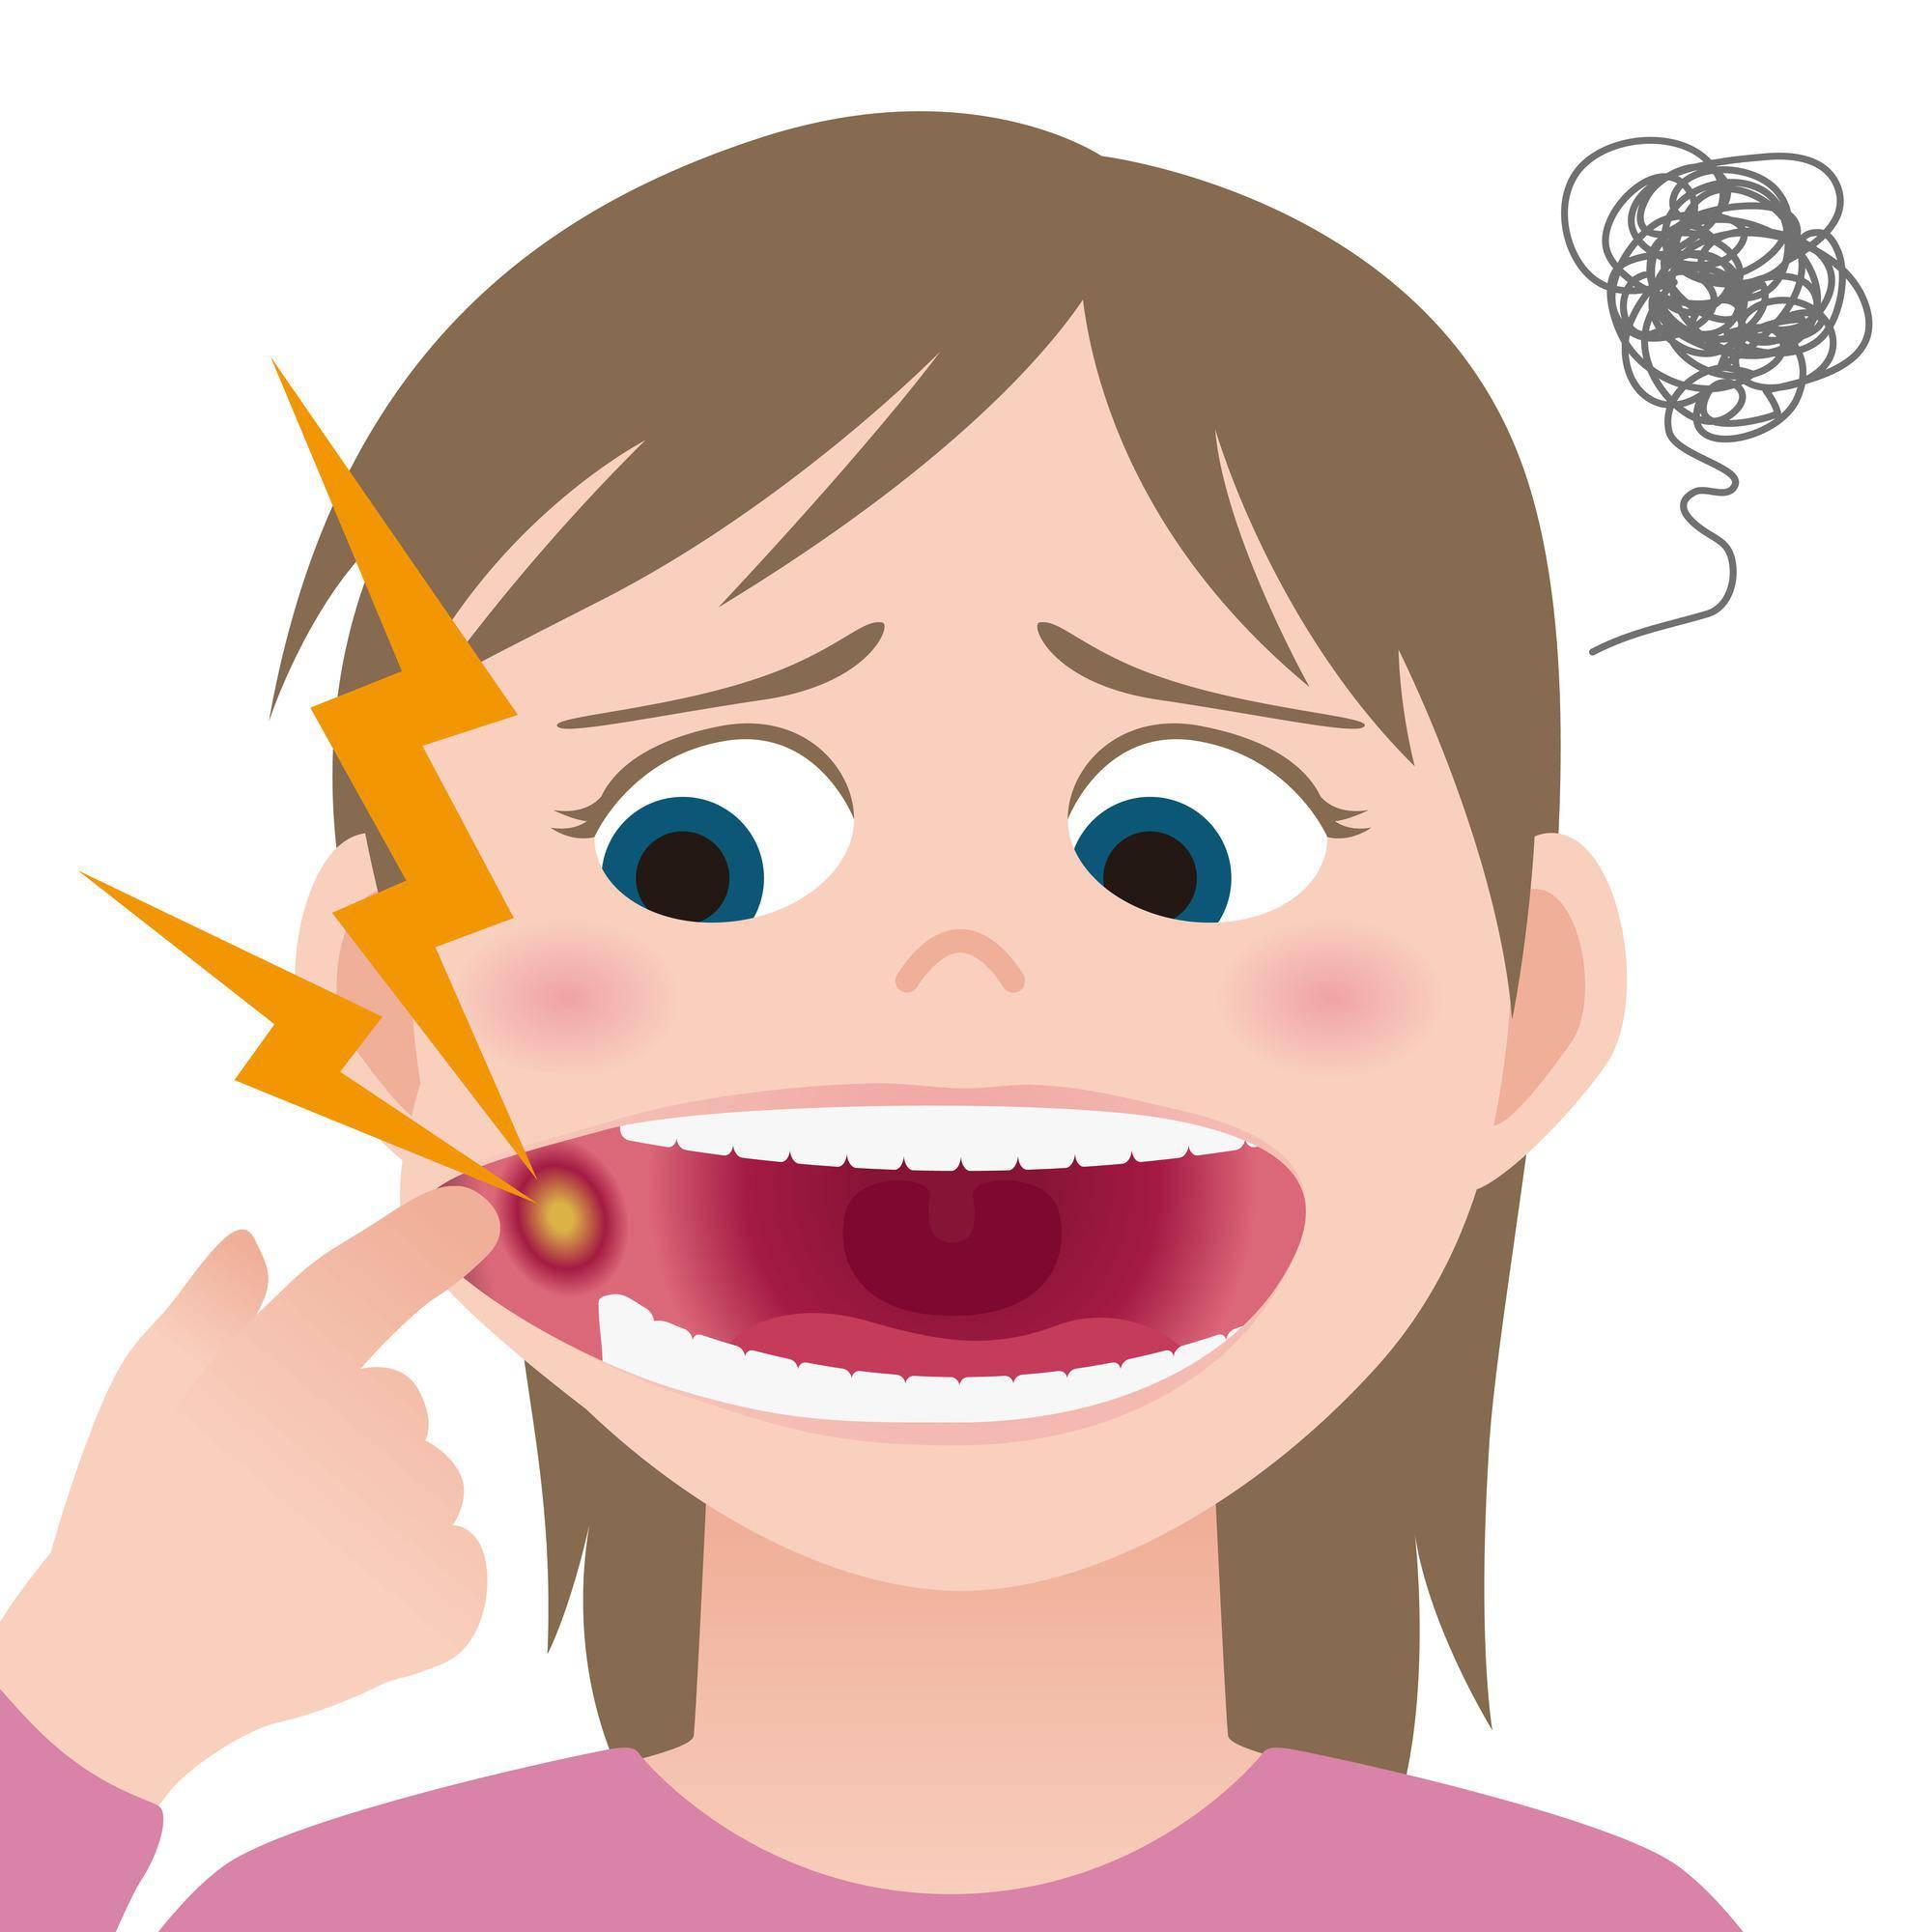 口内炎を痛がる女性